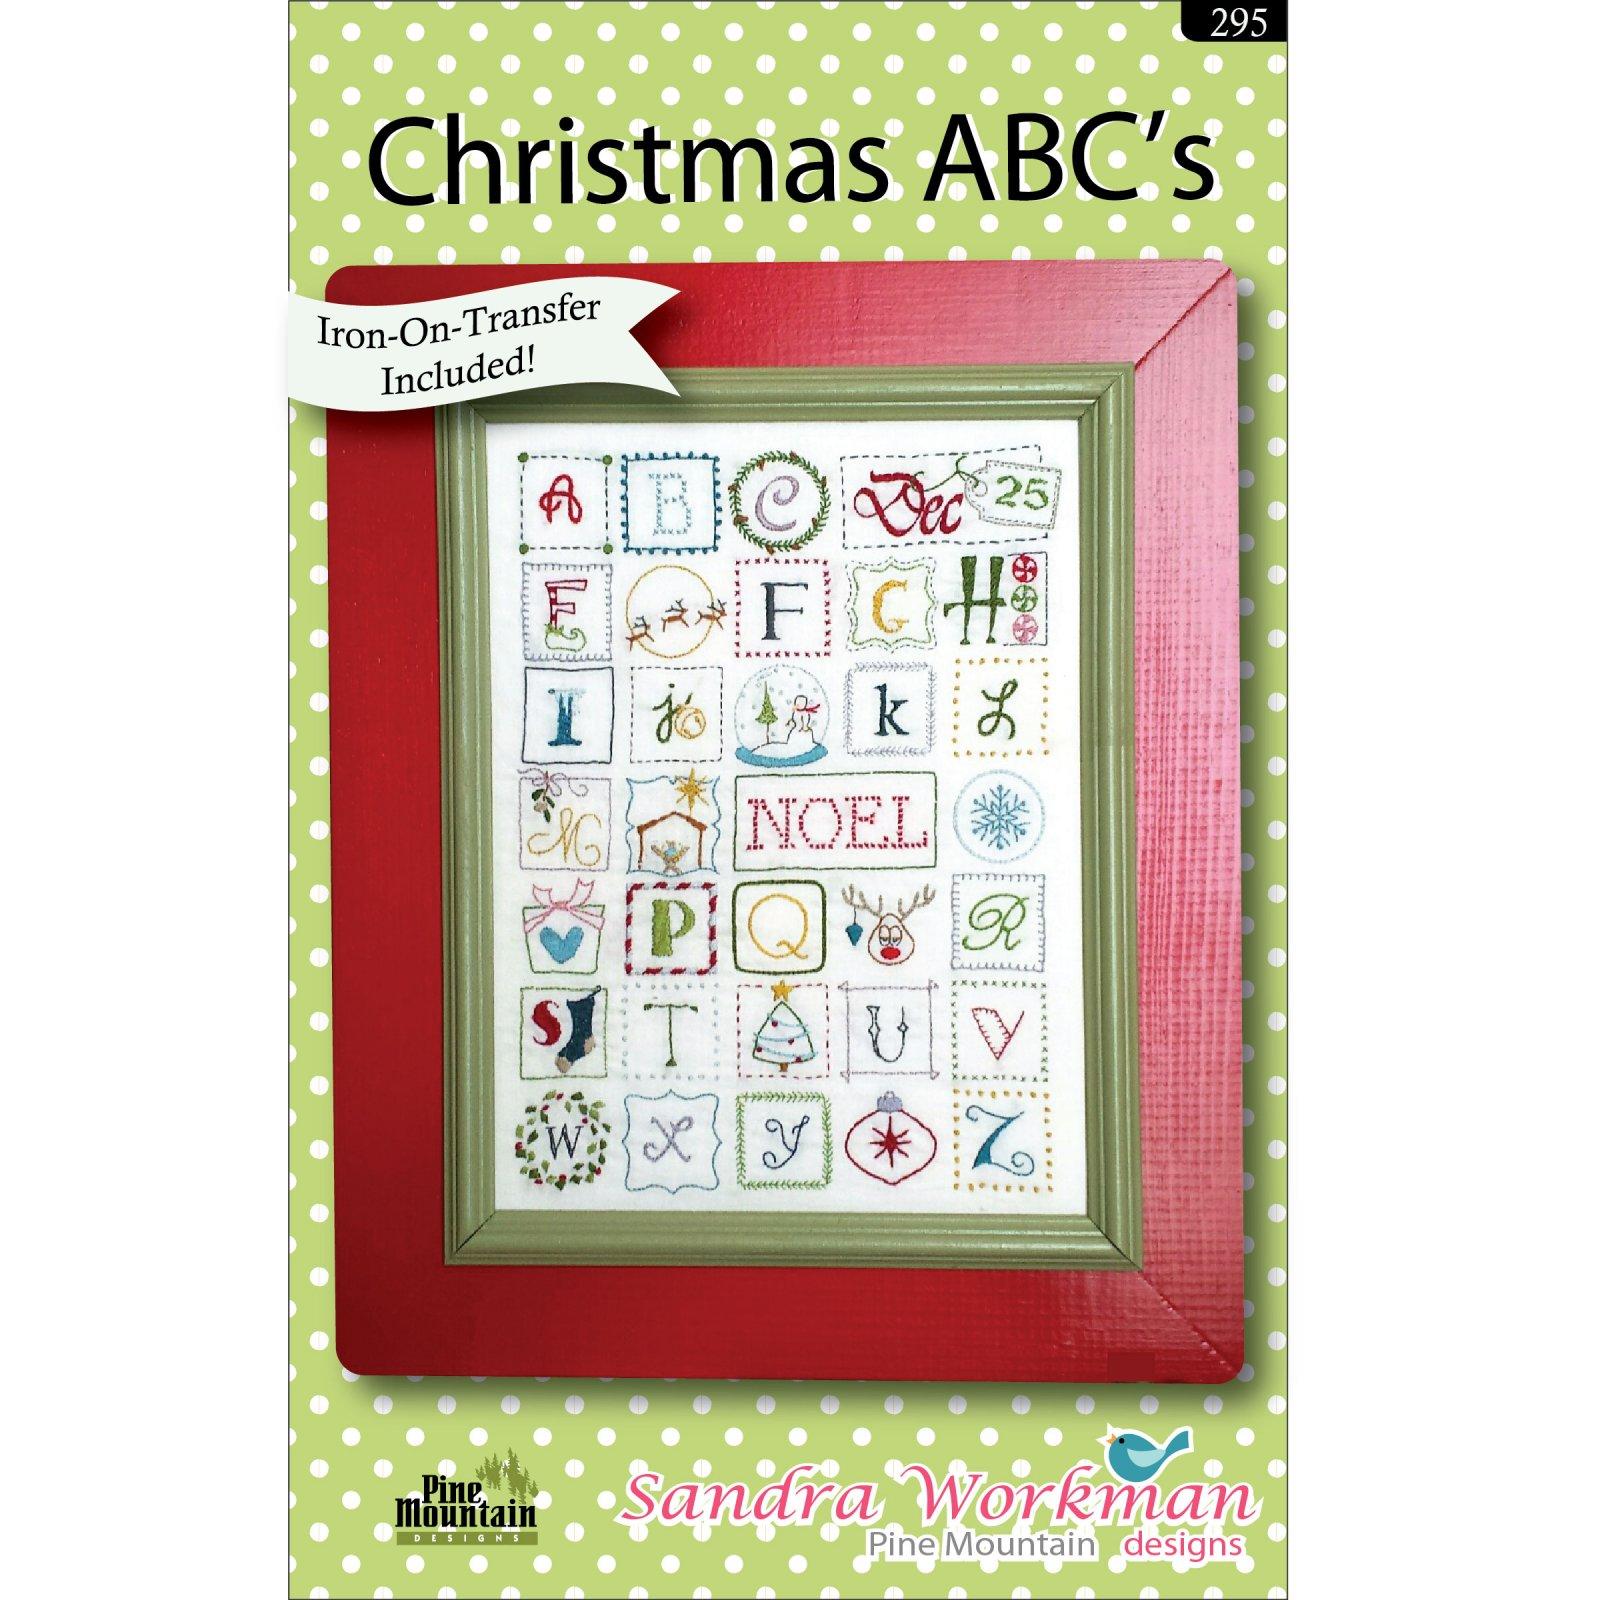 Christmas ABC Embroidery Sampler  295